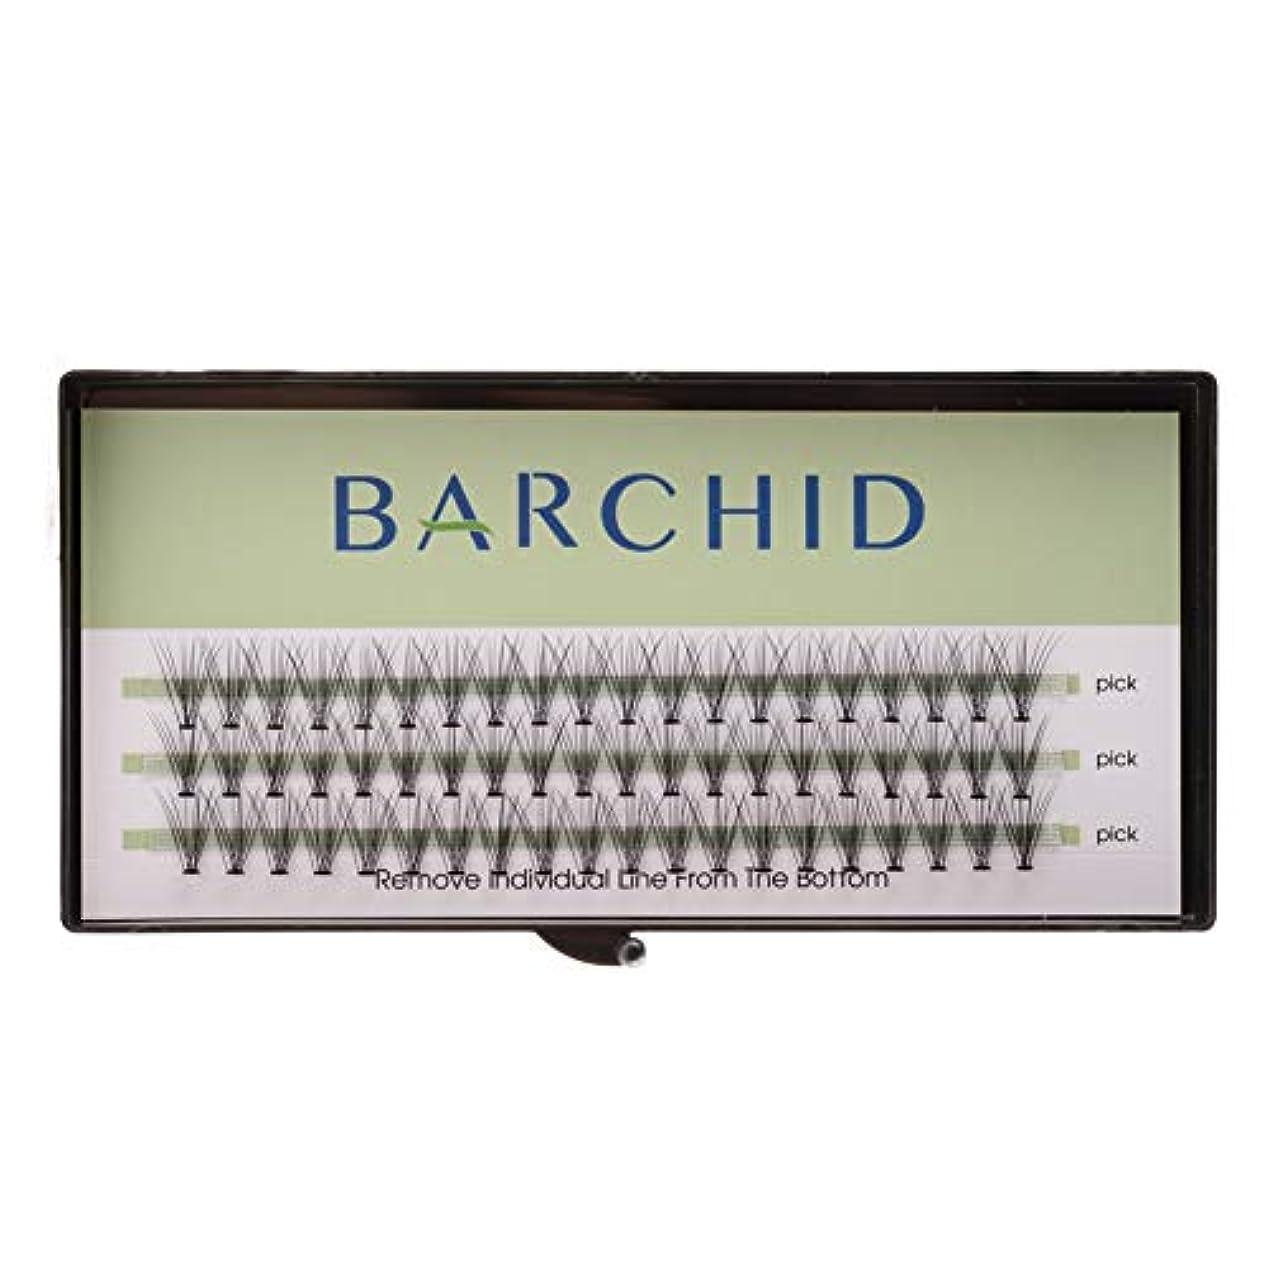 傑作レポートを書く作物BARCHID 高品質超極細まつげエクステ太さ0.07mm 10本束10mm Cカール フレア セルフ用 素材  マツエク